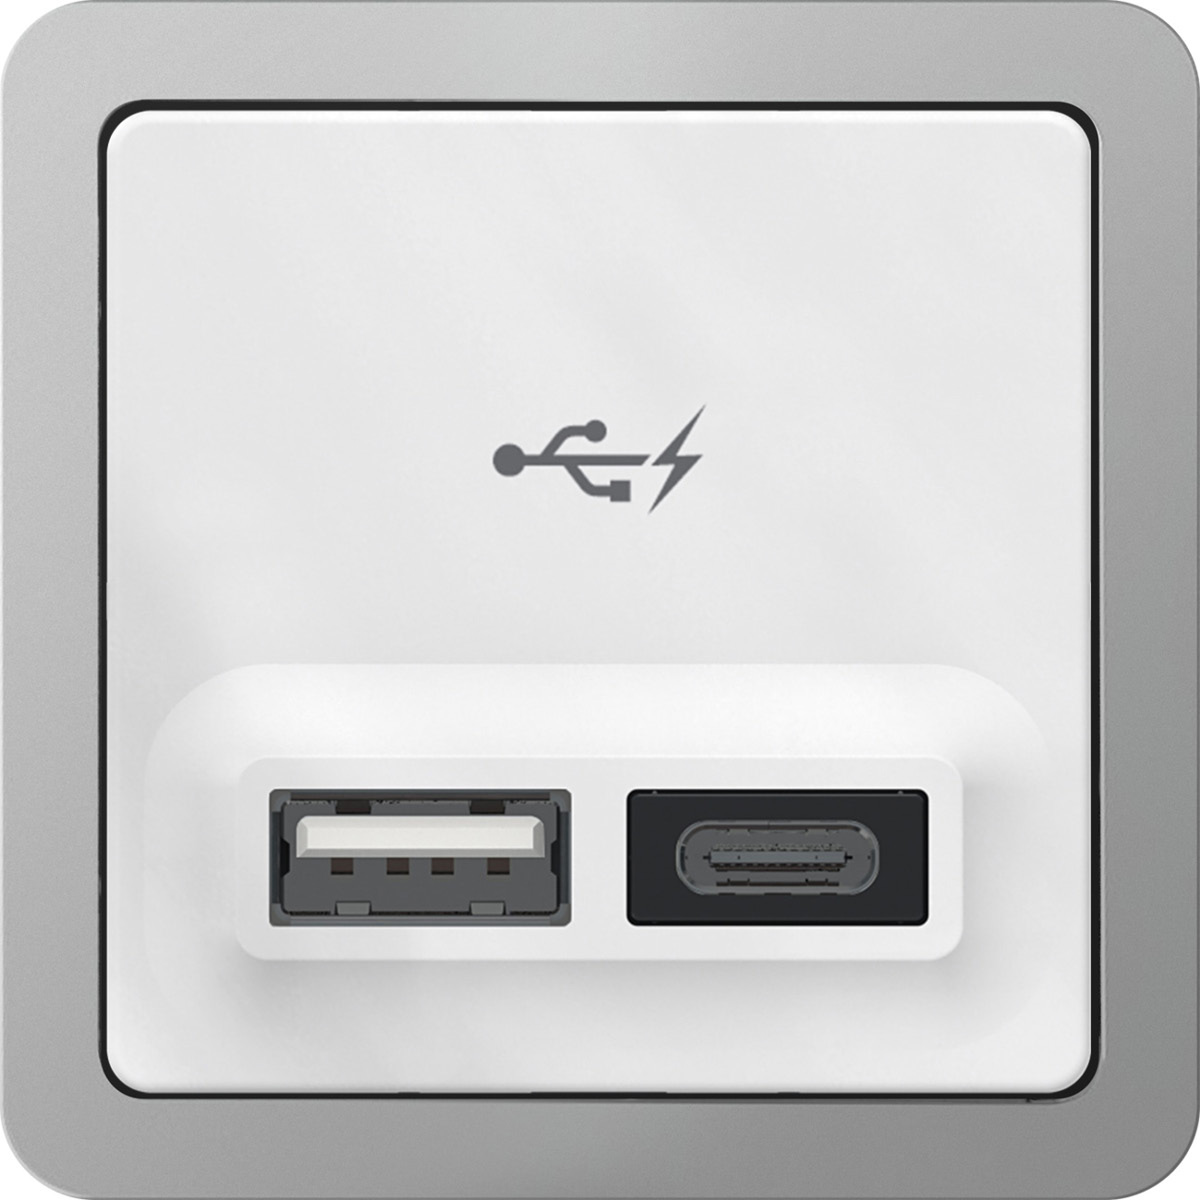 Stikkontakt med USB port og oplader